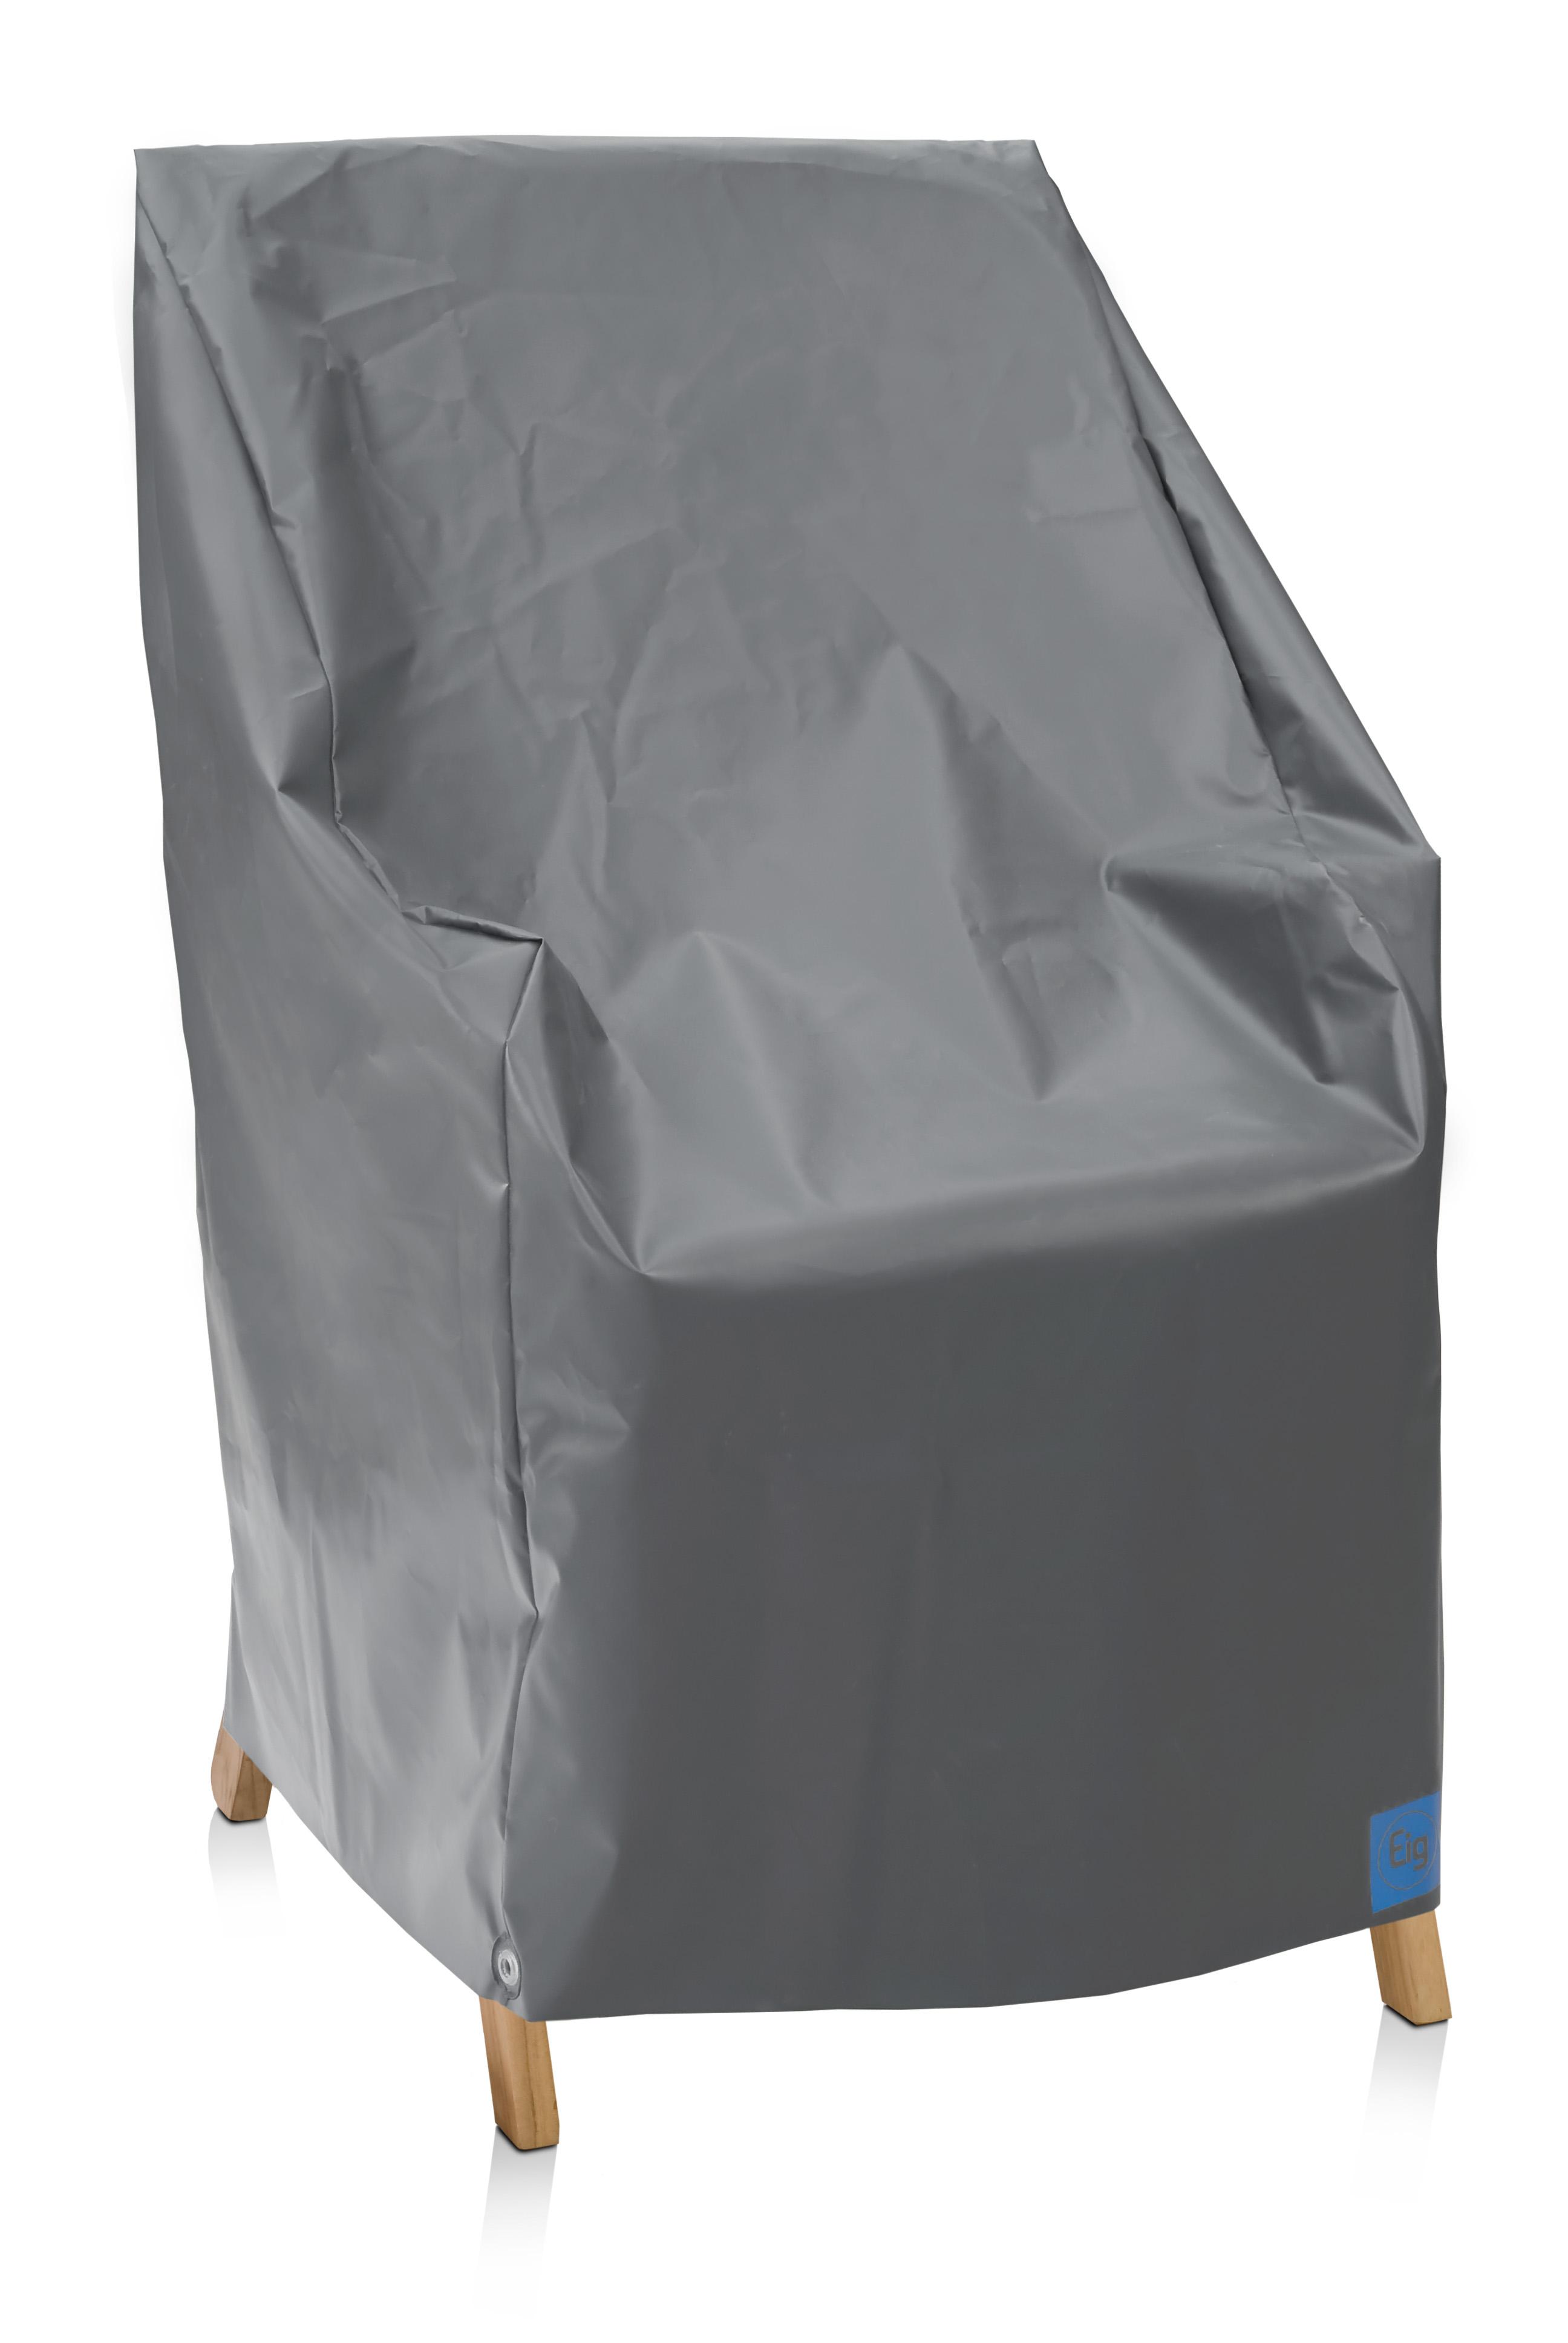 eigbrecht 240250 abdeckhaube schutzh lle f r niederlehner 63x63x80 65cm. Black Bedroom Furniture Sets. Home Design Ideas